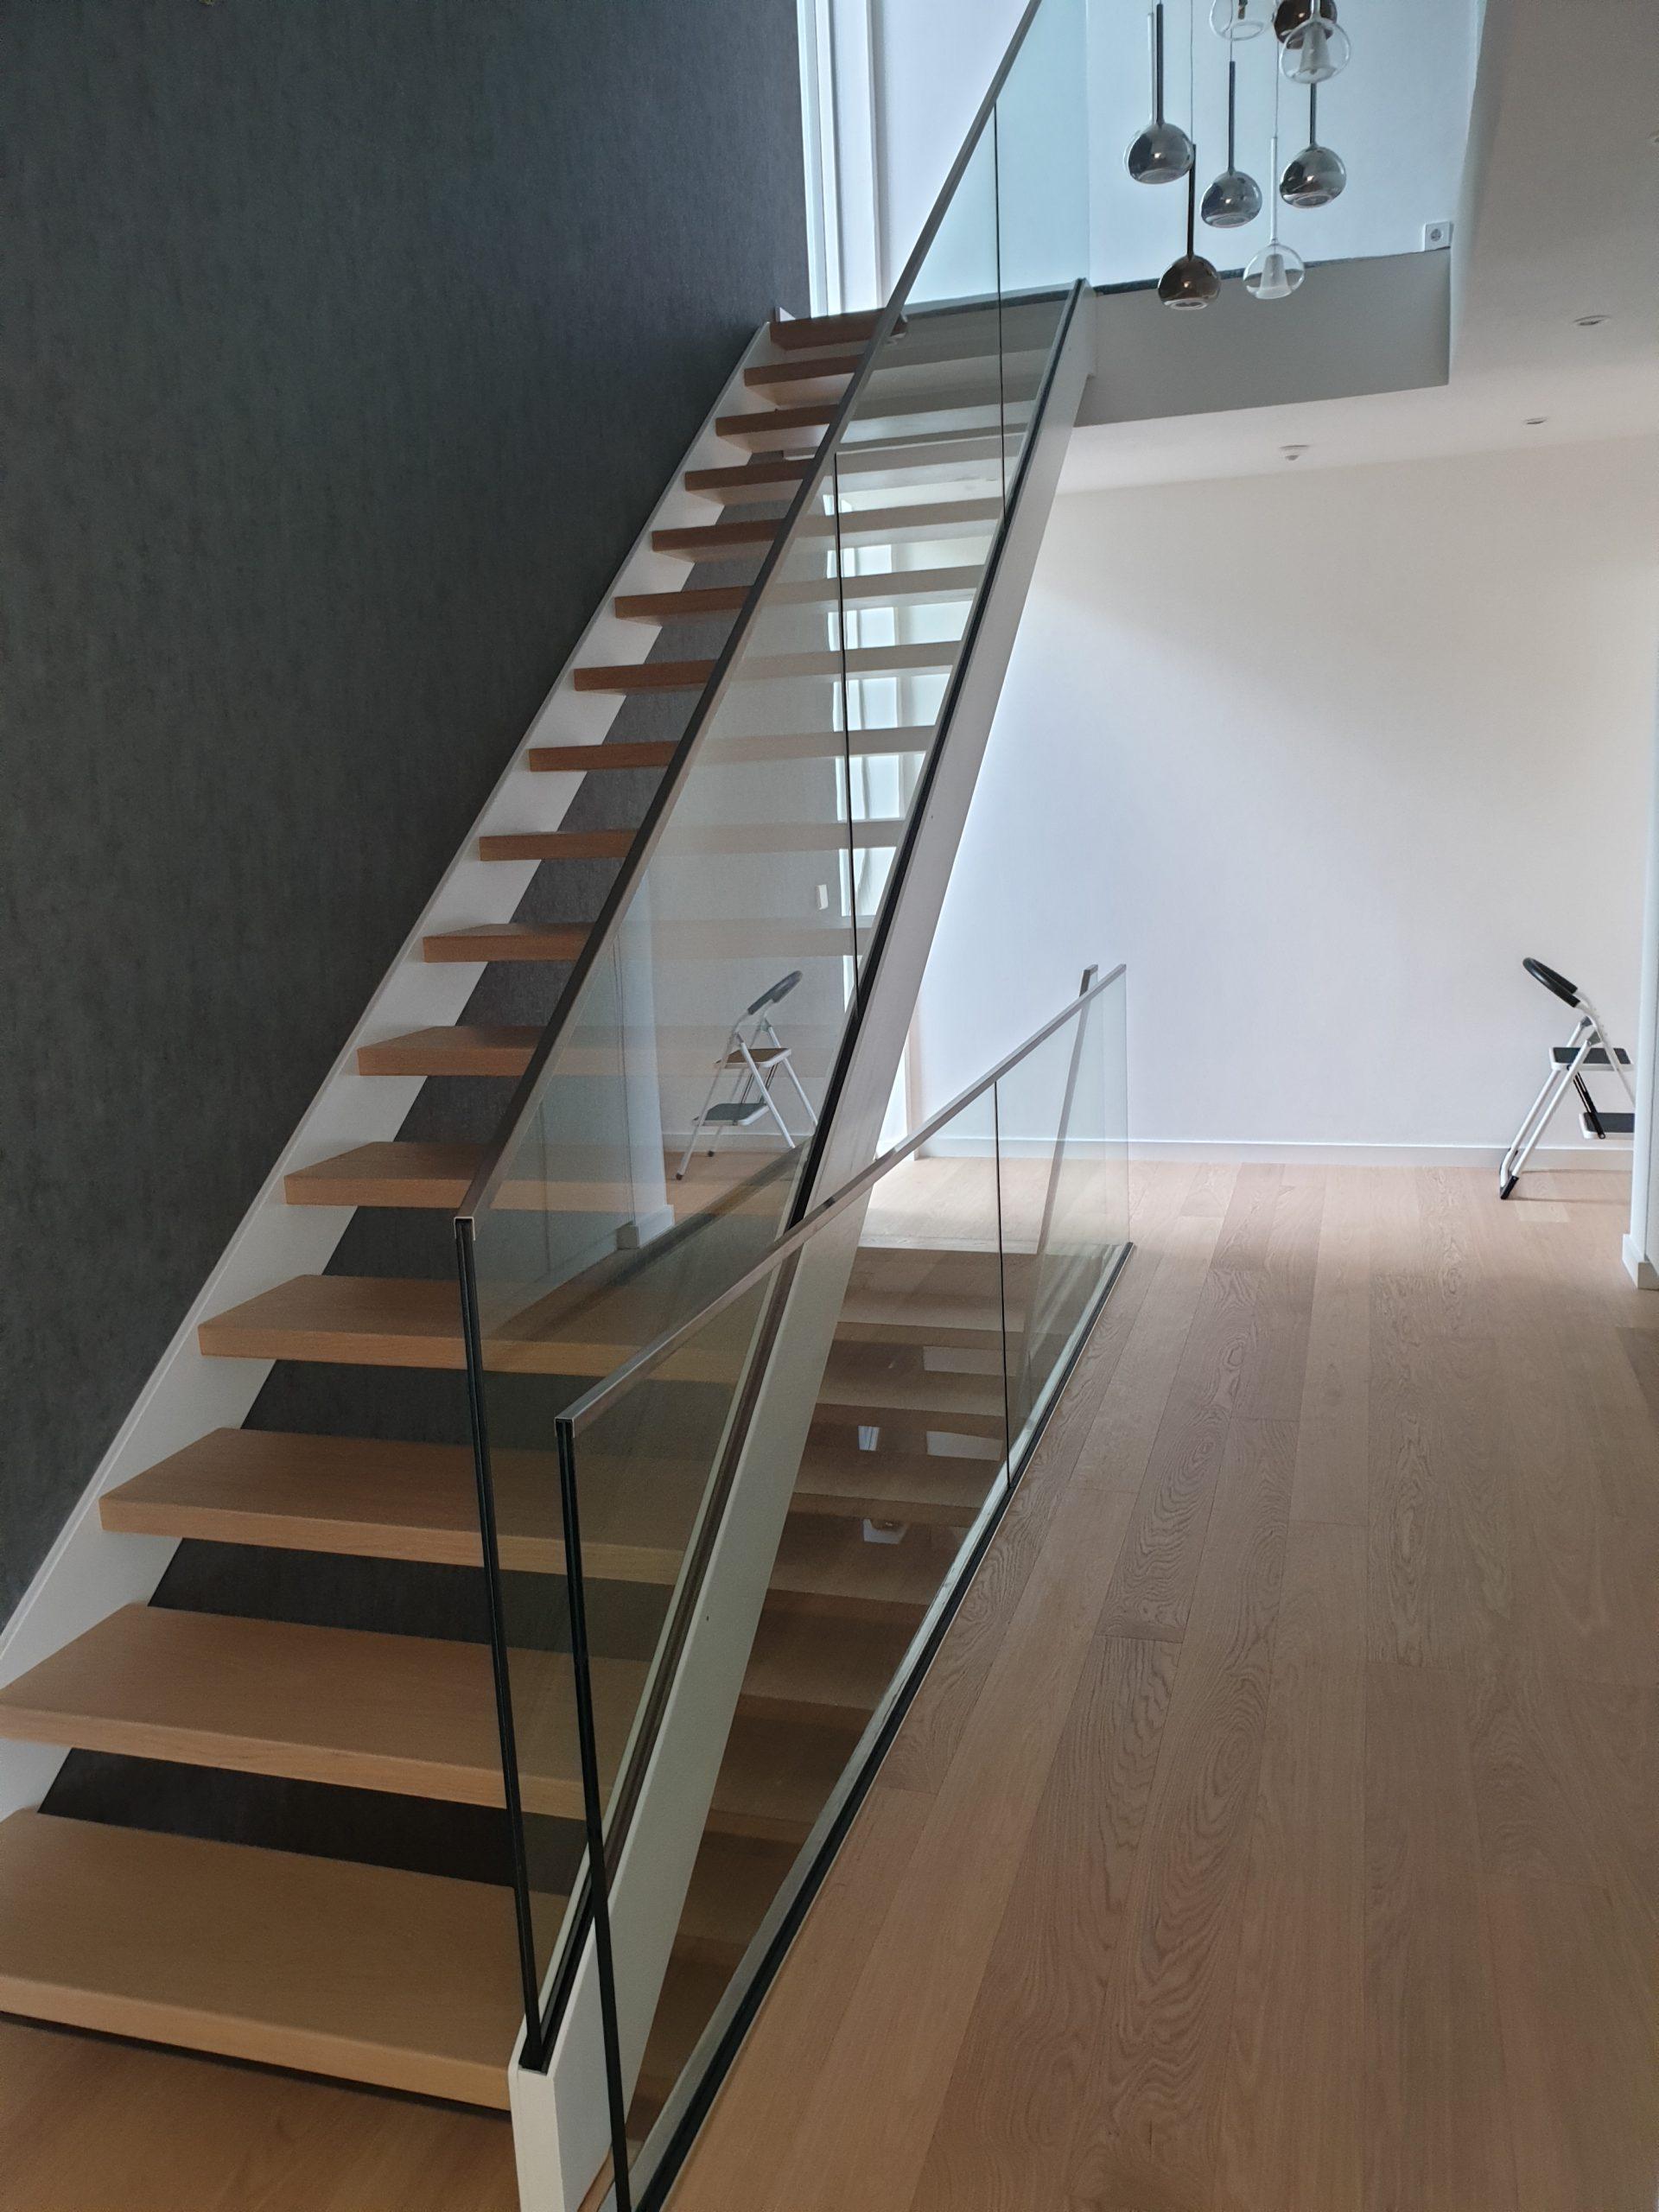 Treppenanlagen Wangen Pulverbeschichtet - Holzstufen - Ganzglasgeländer